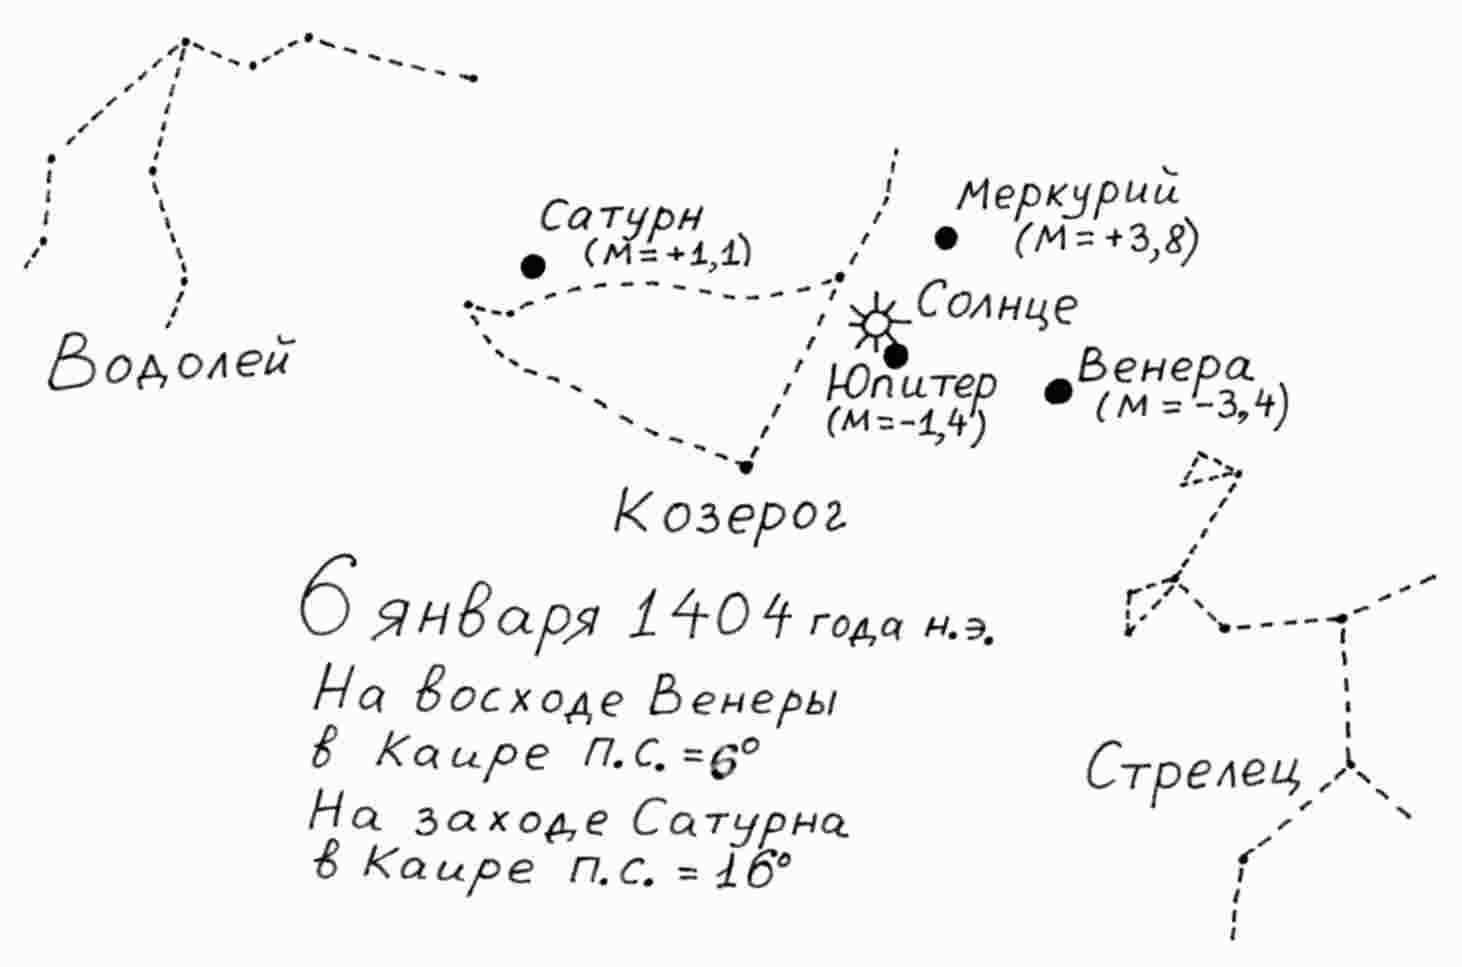 http://s3.uploads.ru/qDFE9.jpg